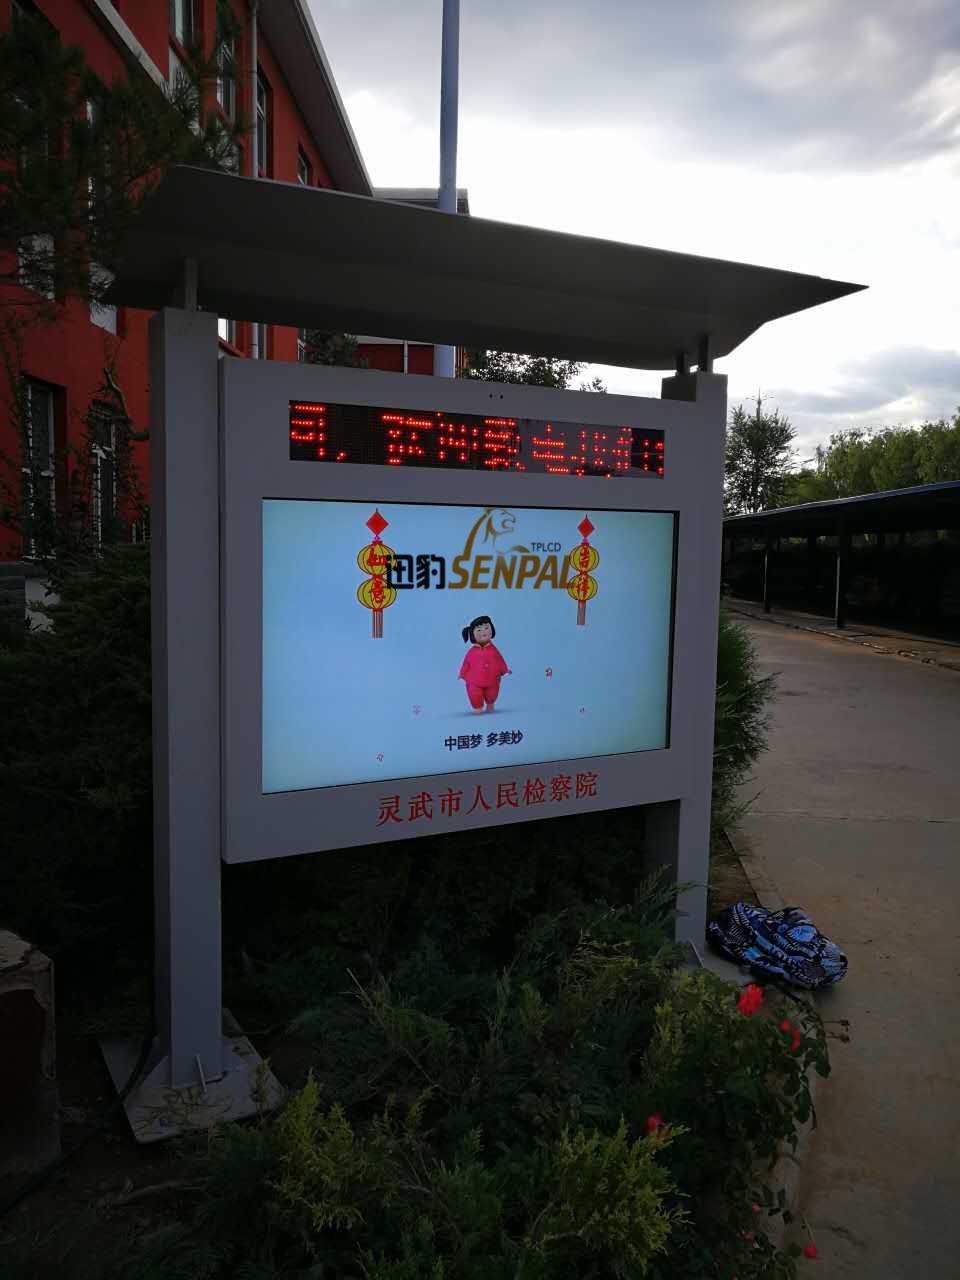 户外广告与户外灯箱媒体的区别?